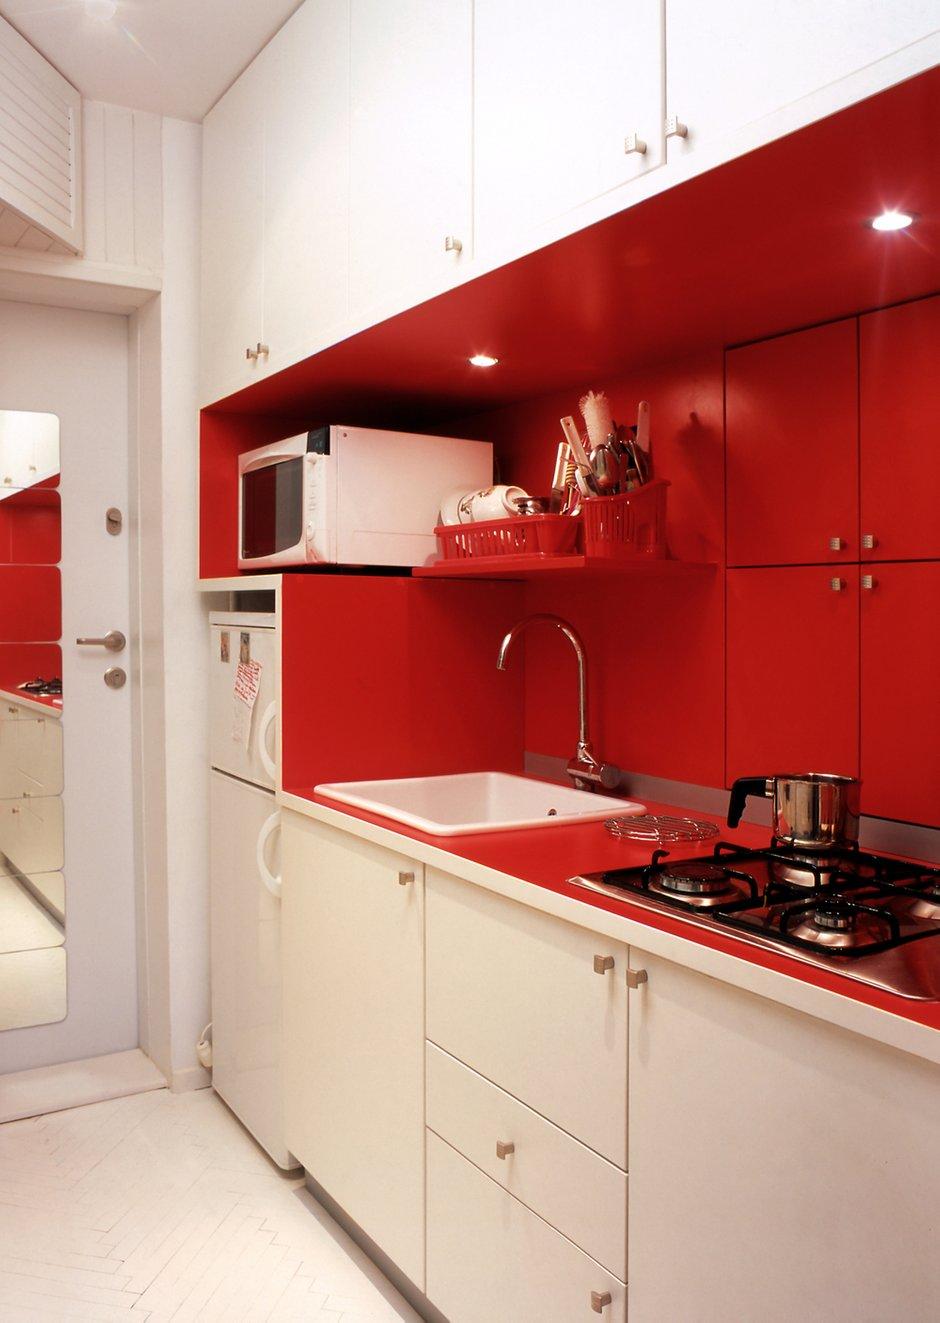 Фотография: Кухня и столовая в стиле Современный, Декор интерьера, Малогабаритная квартира, Квартира, Цвет в интерьере, Стиль жизни, Советы – фото на INMYROOM